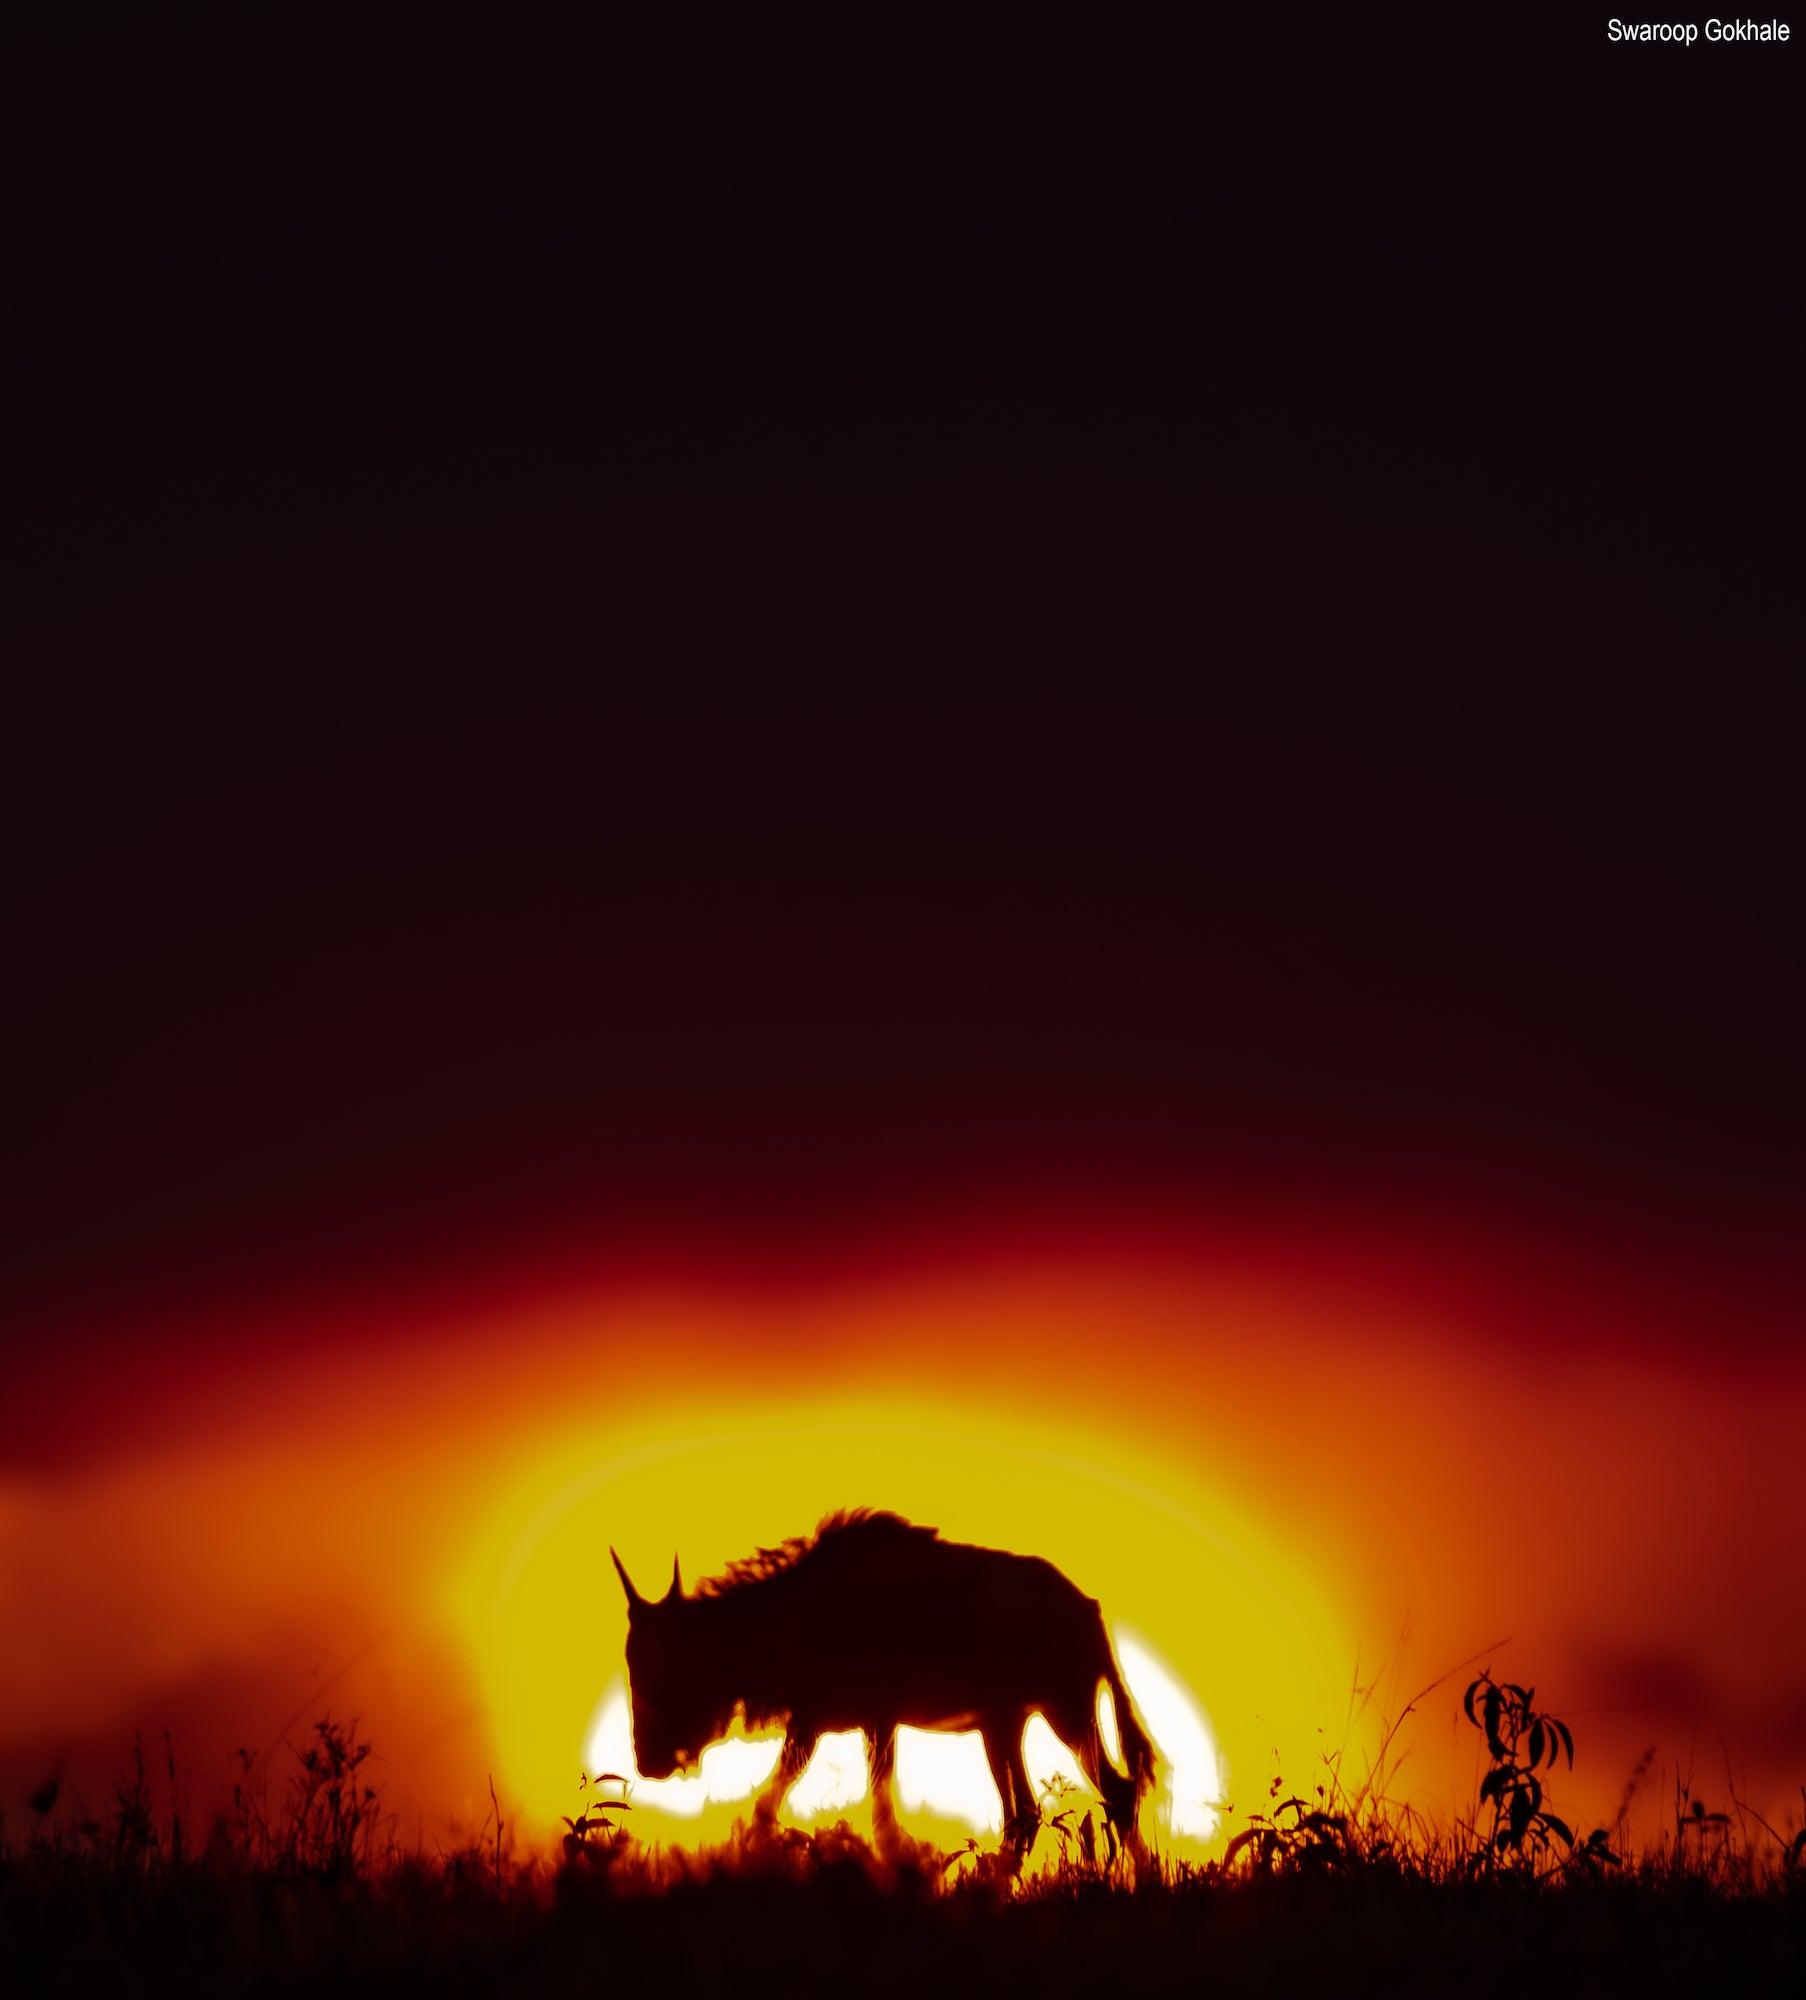 Alpha-Universe-BTS-Swaroop-Gokhale-Wildebeest.jpg